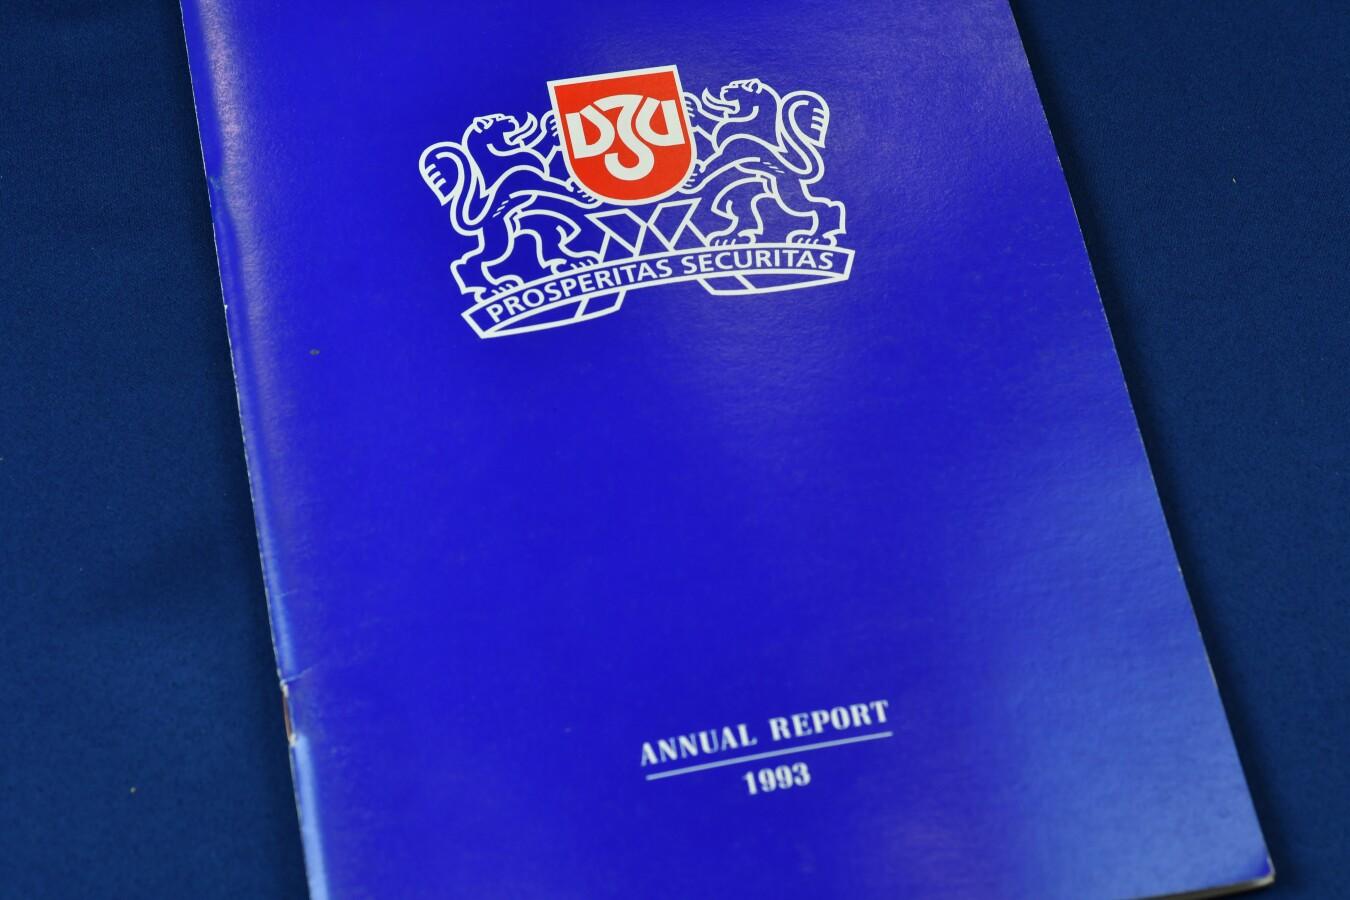 Годишен отчет, 1993 г.